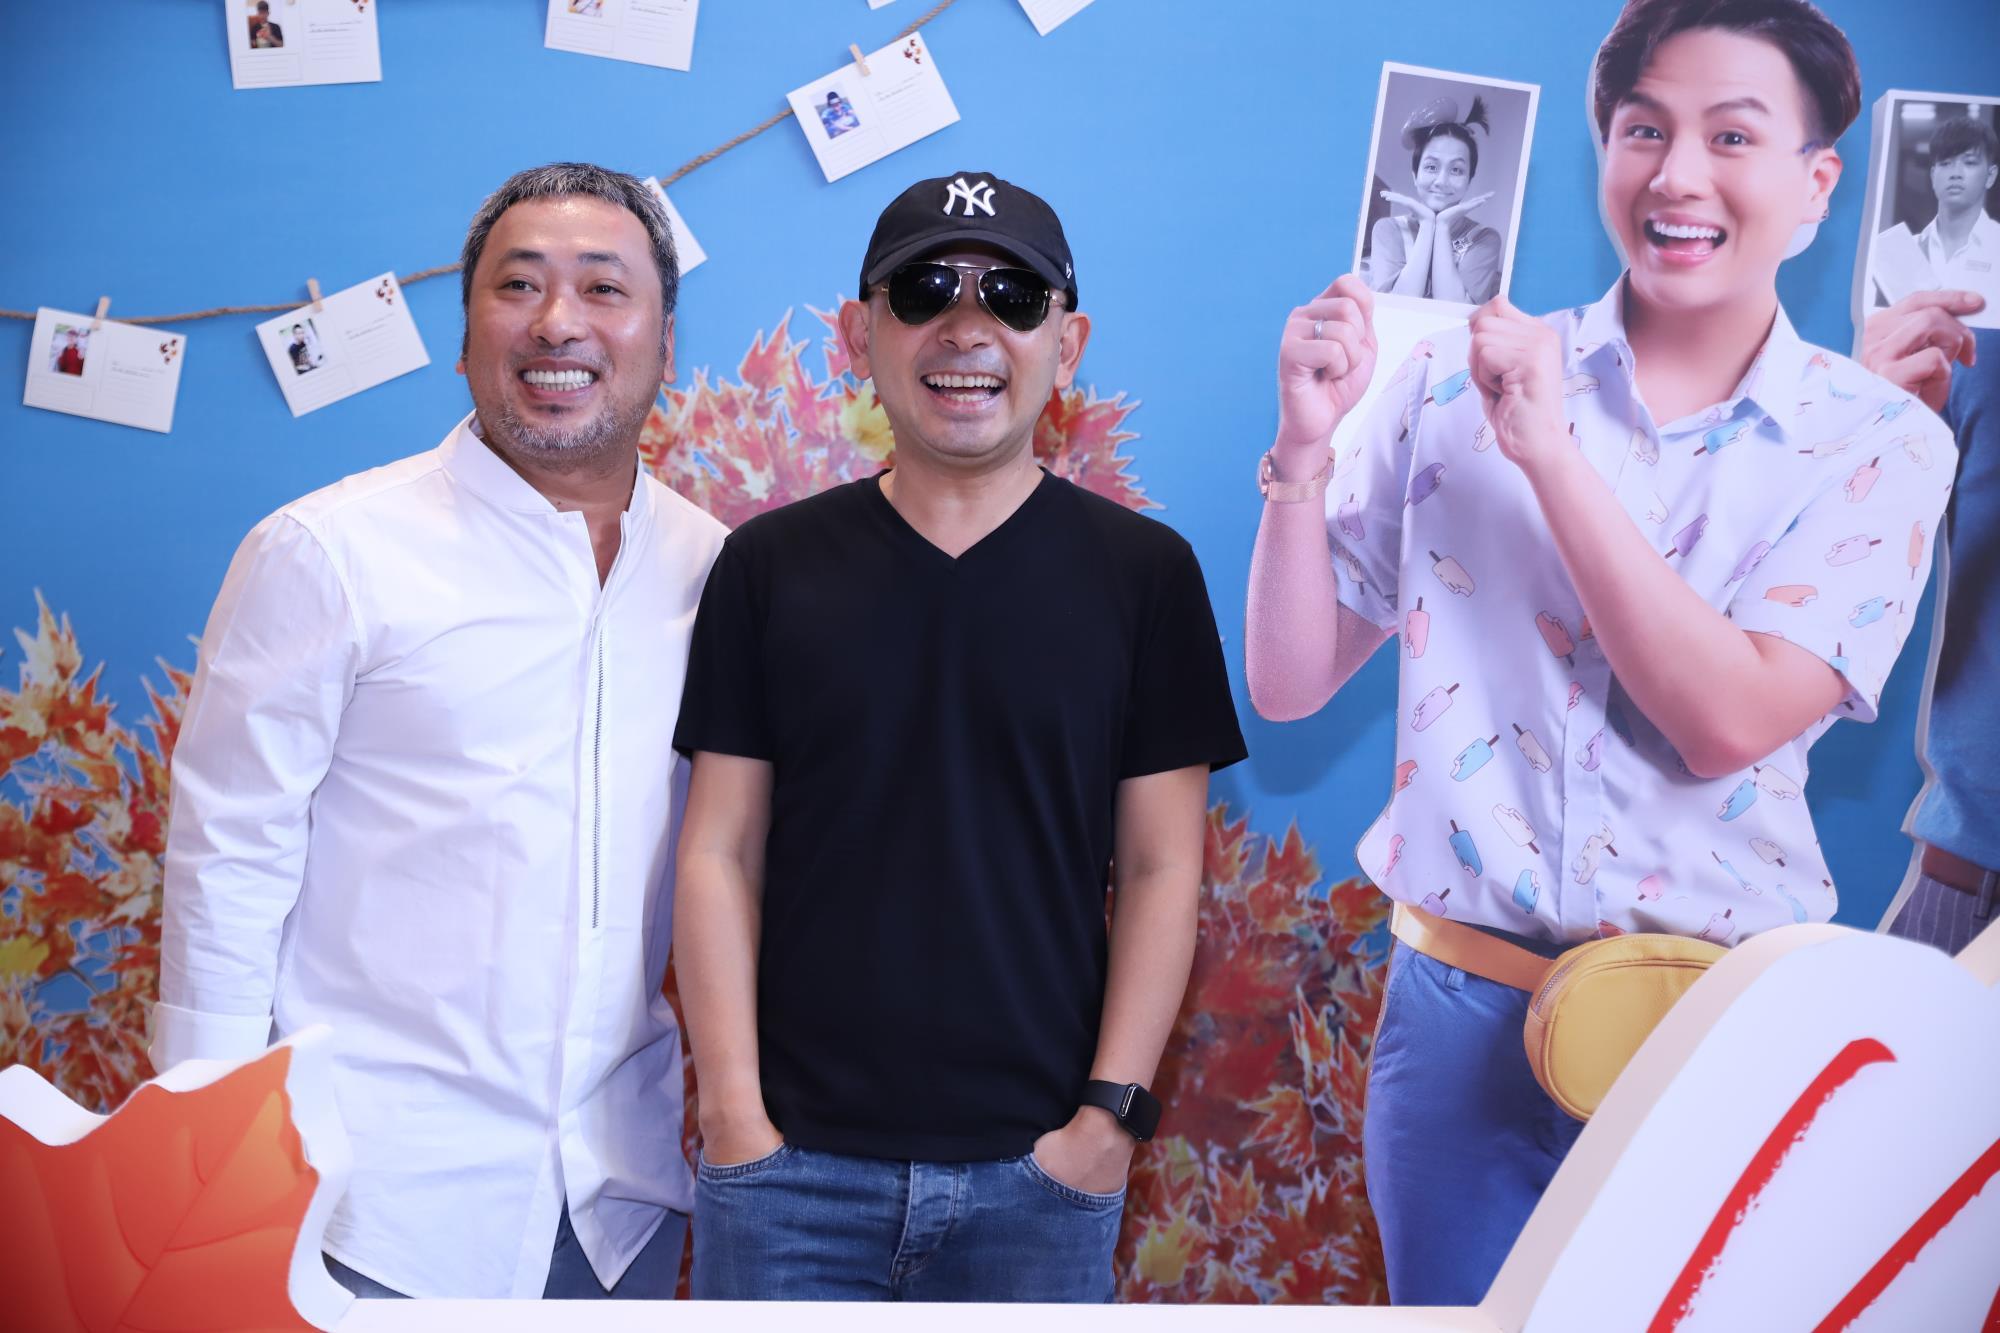 Duy Khánh đóng phim 3 tháng xuất hiện trong 3s trailer, Kay Trần giải thích nickname LONG 2K18CM - Ảnh 1